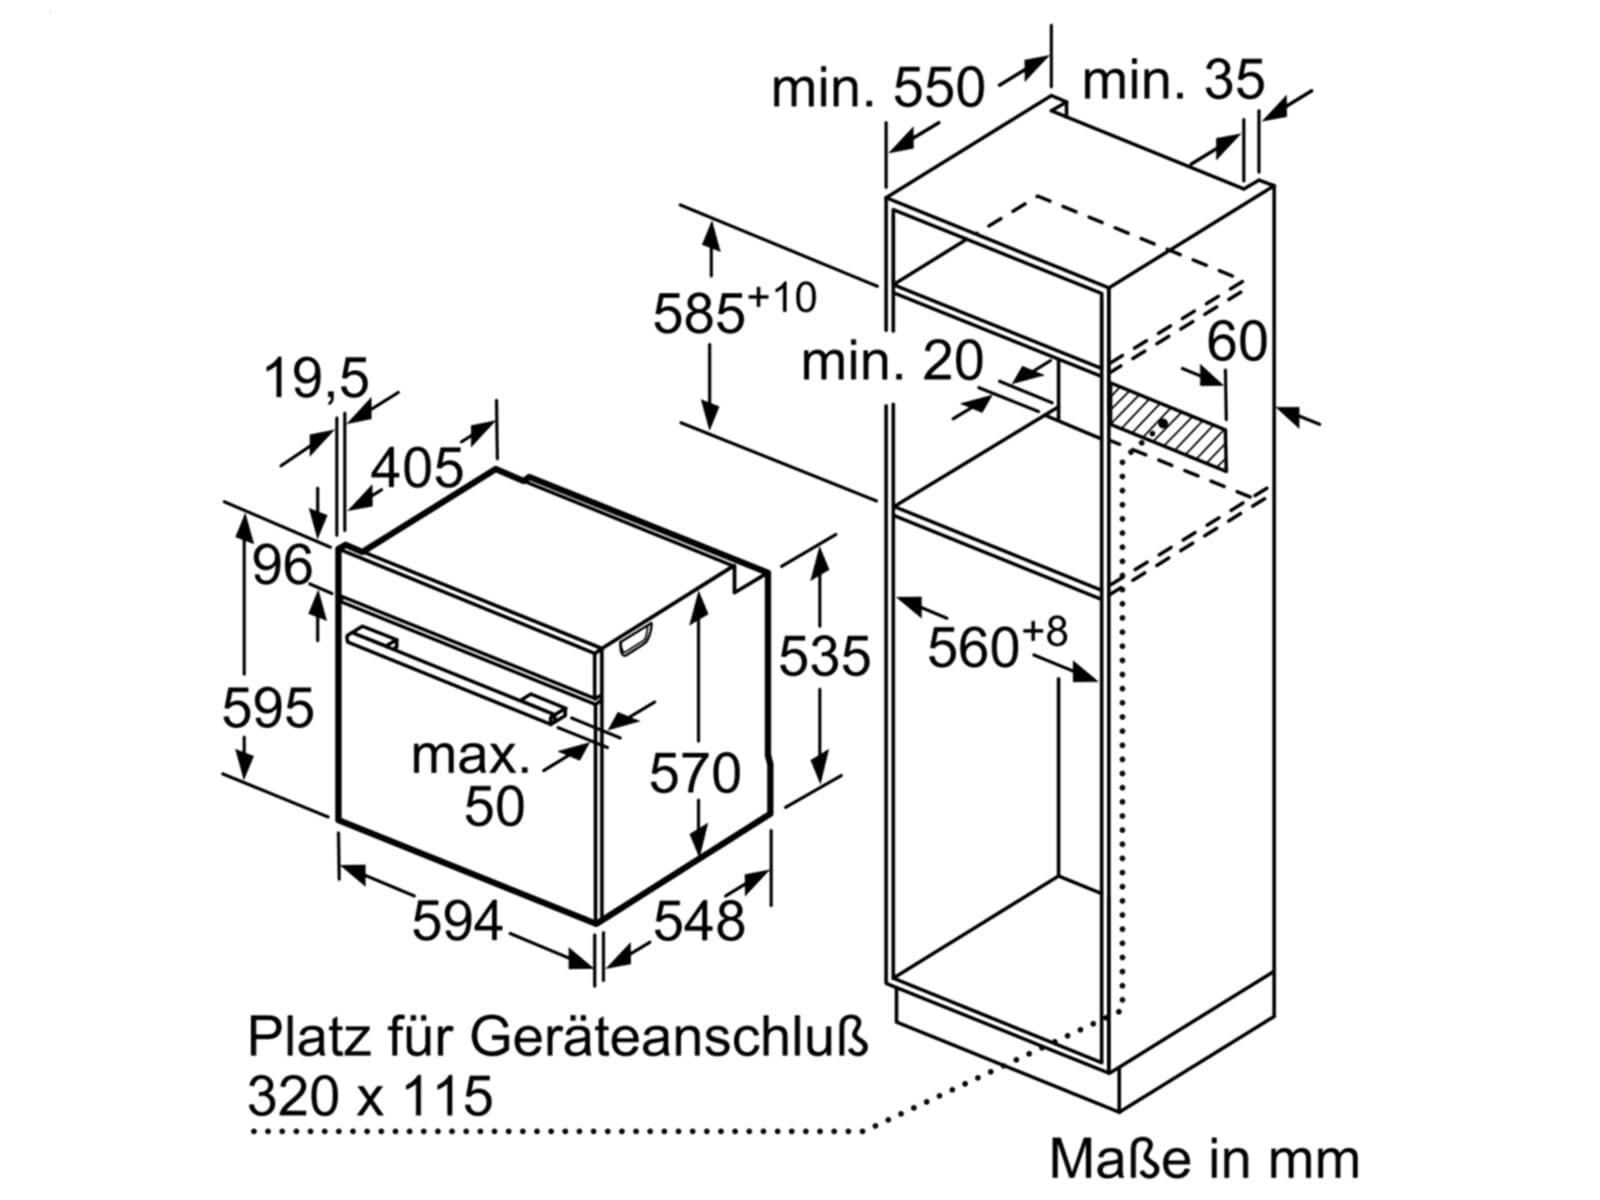 Bosch Hbd671ls60 Set Pyrolyse Backofen Hba5784s0 Autarkes